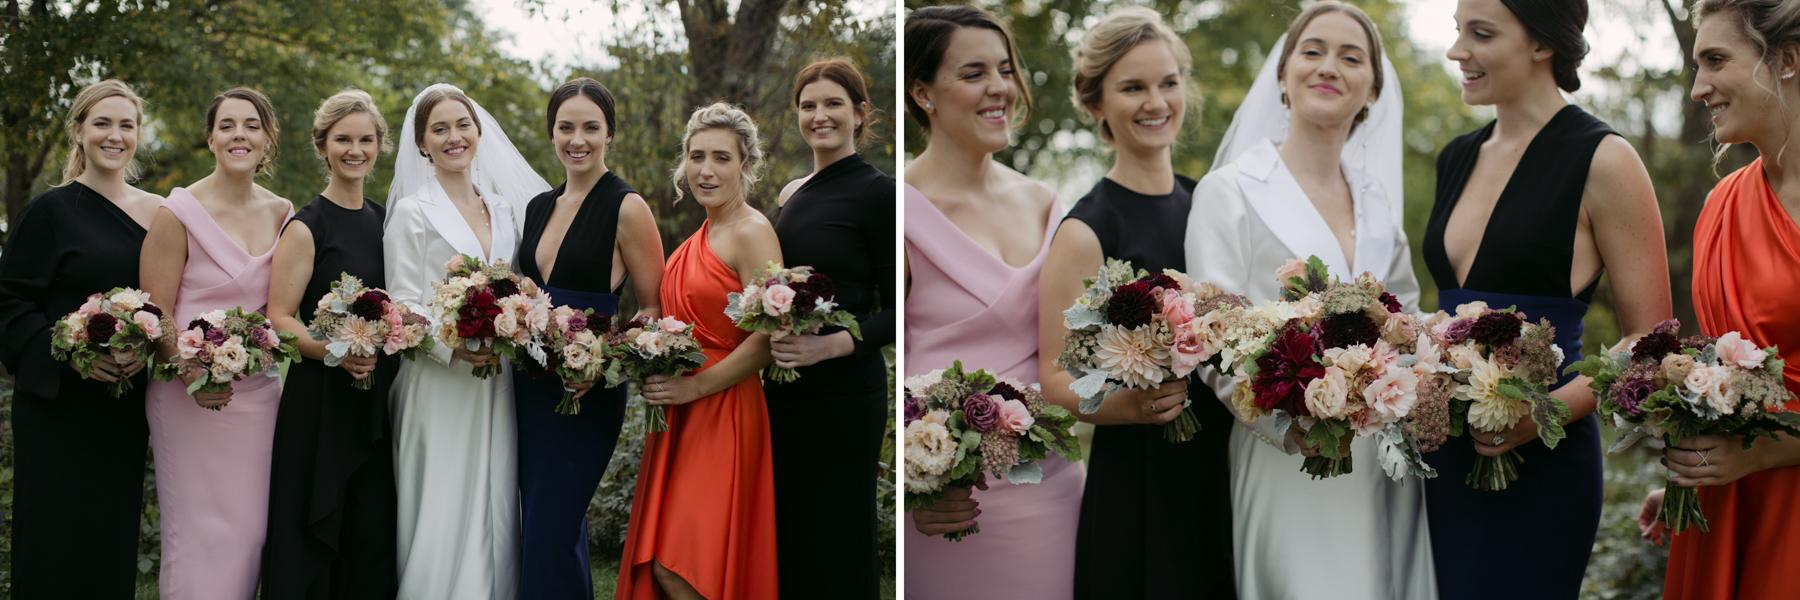 Hamilton_House_wedding_maine_Leah_Fisher_Photography-12.jpg